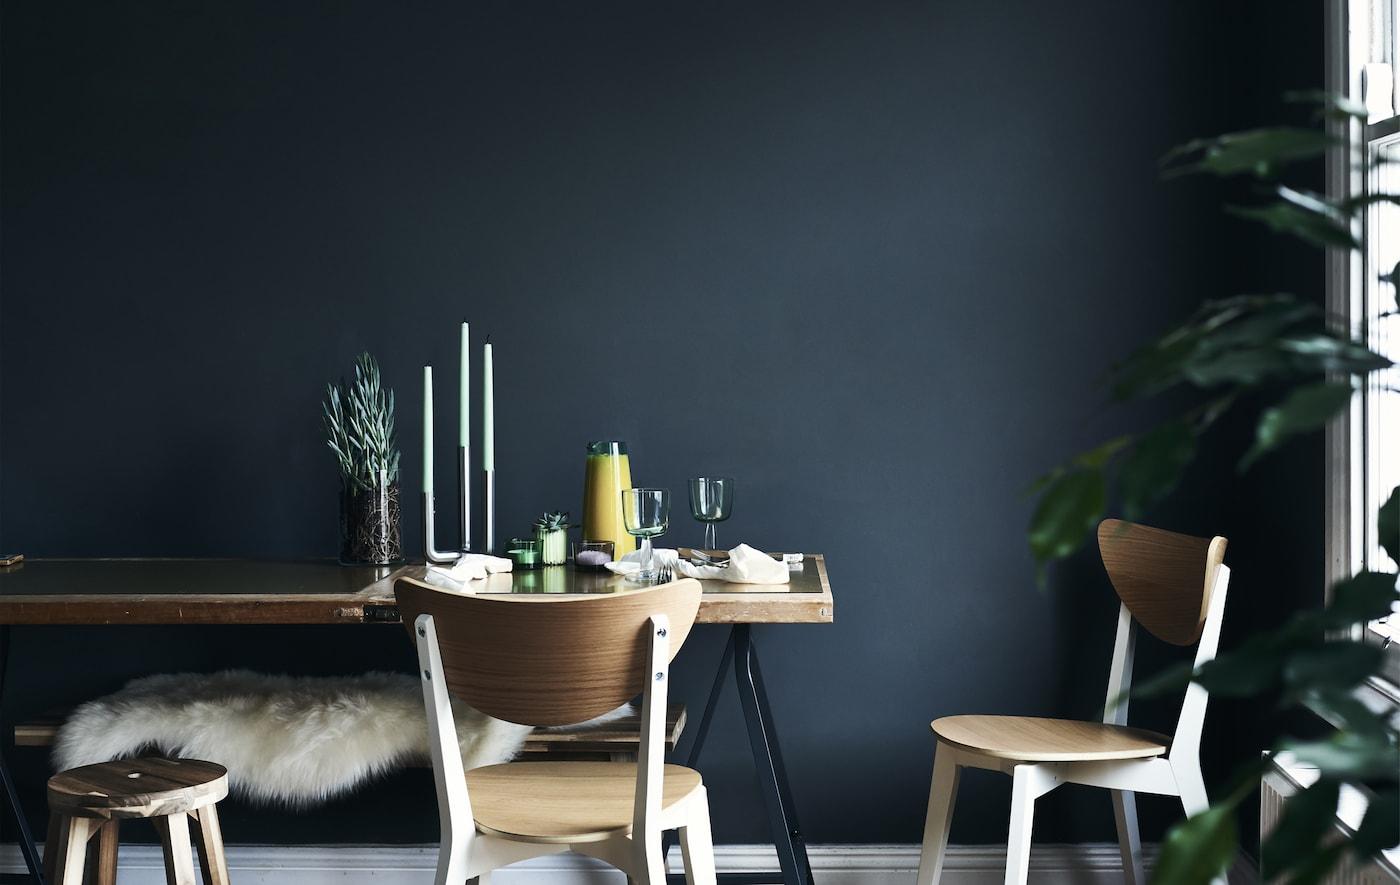 طاولة طعام بمحاذاة حائط أزرق داكن.